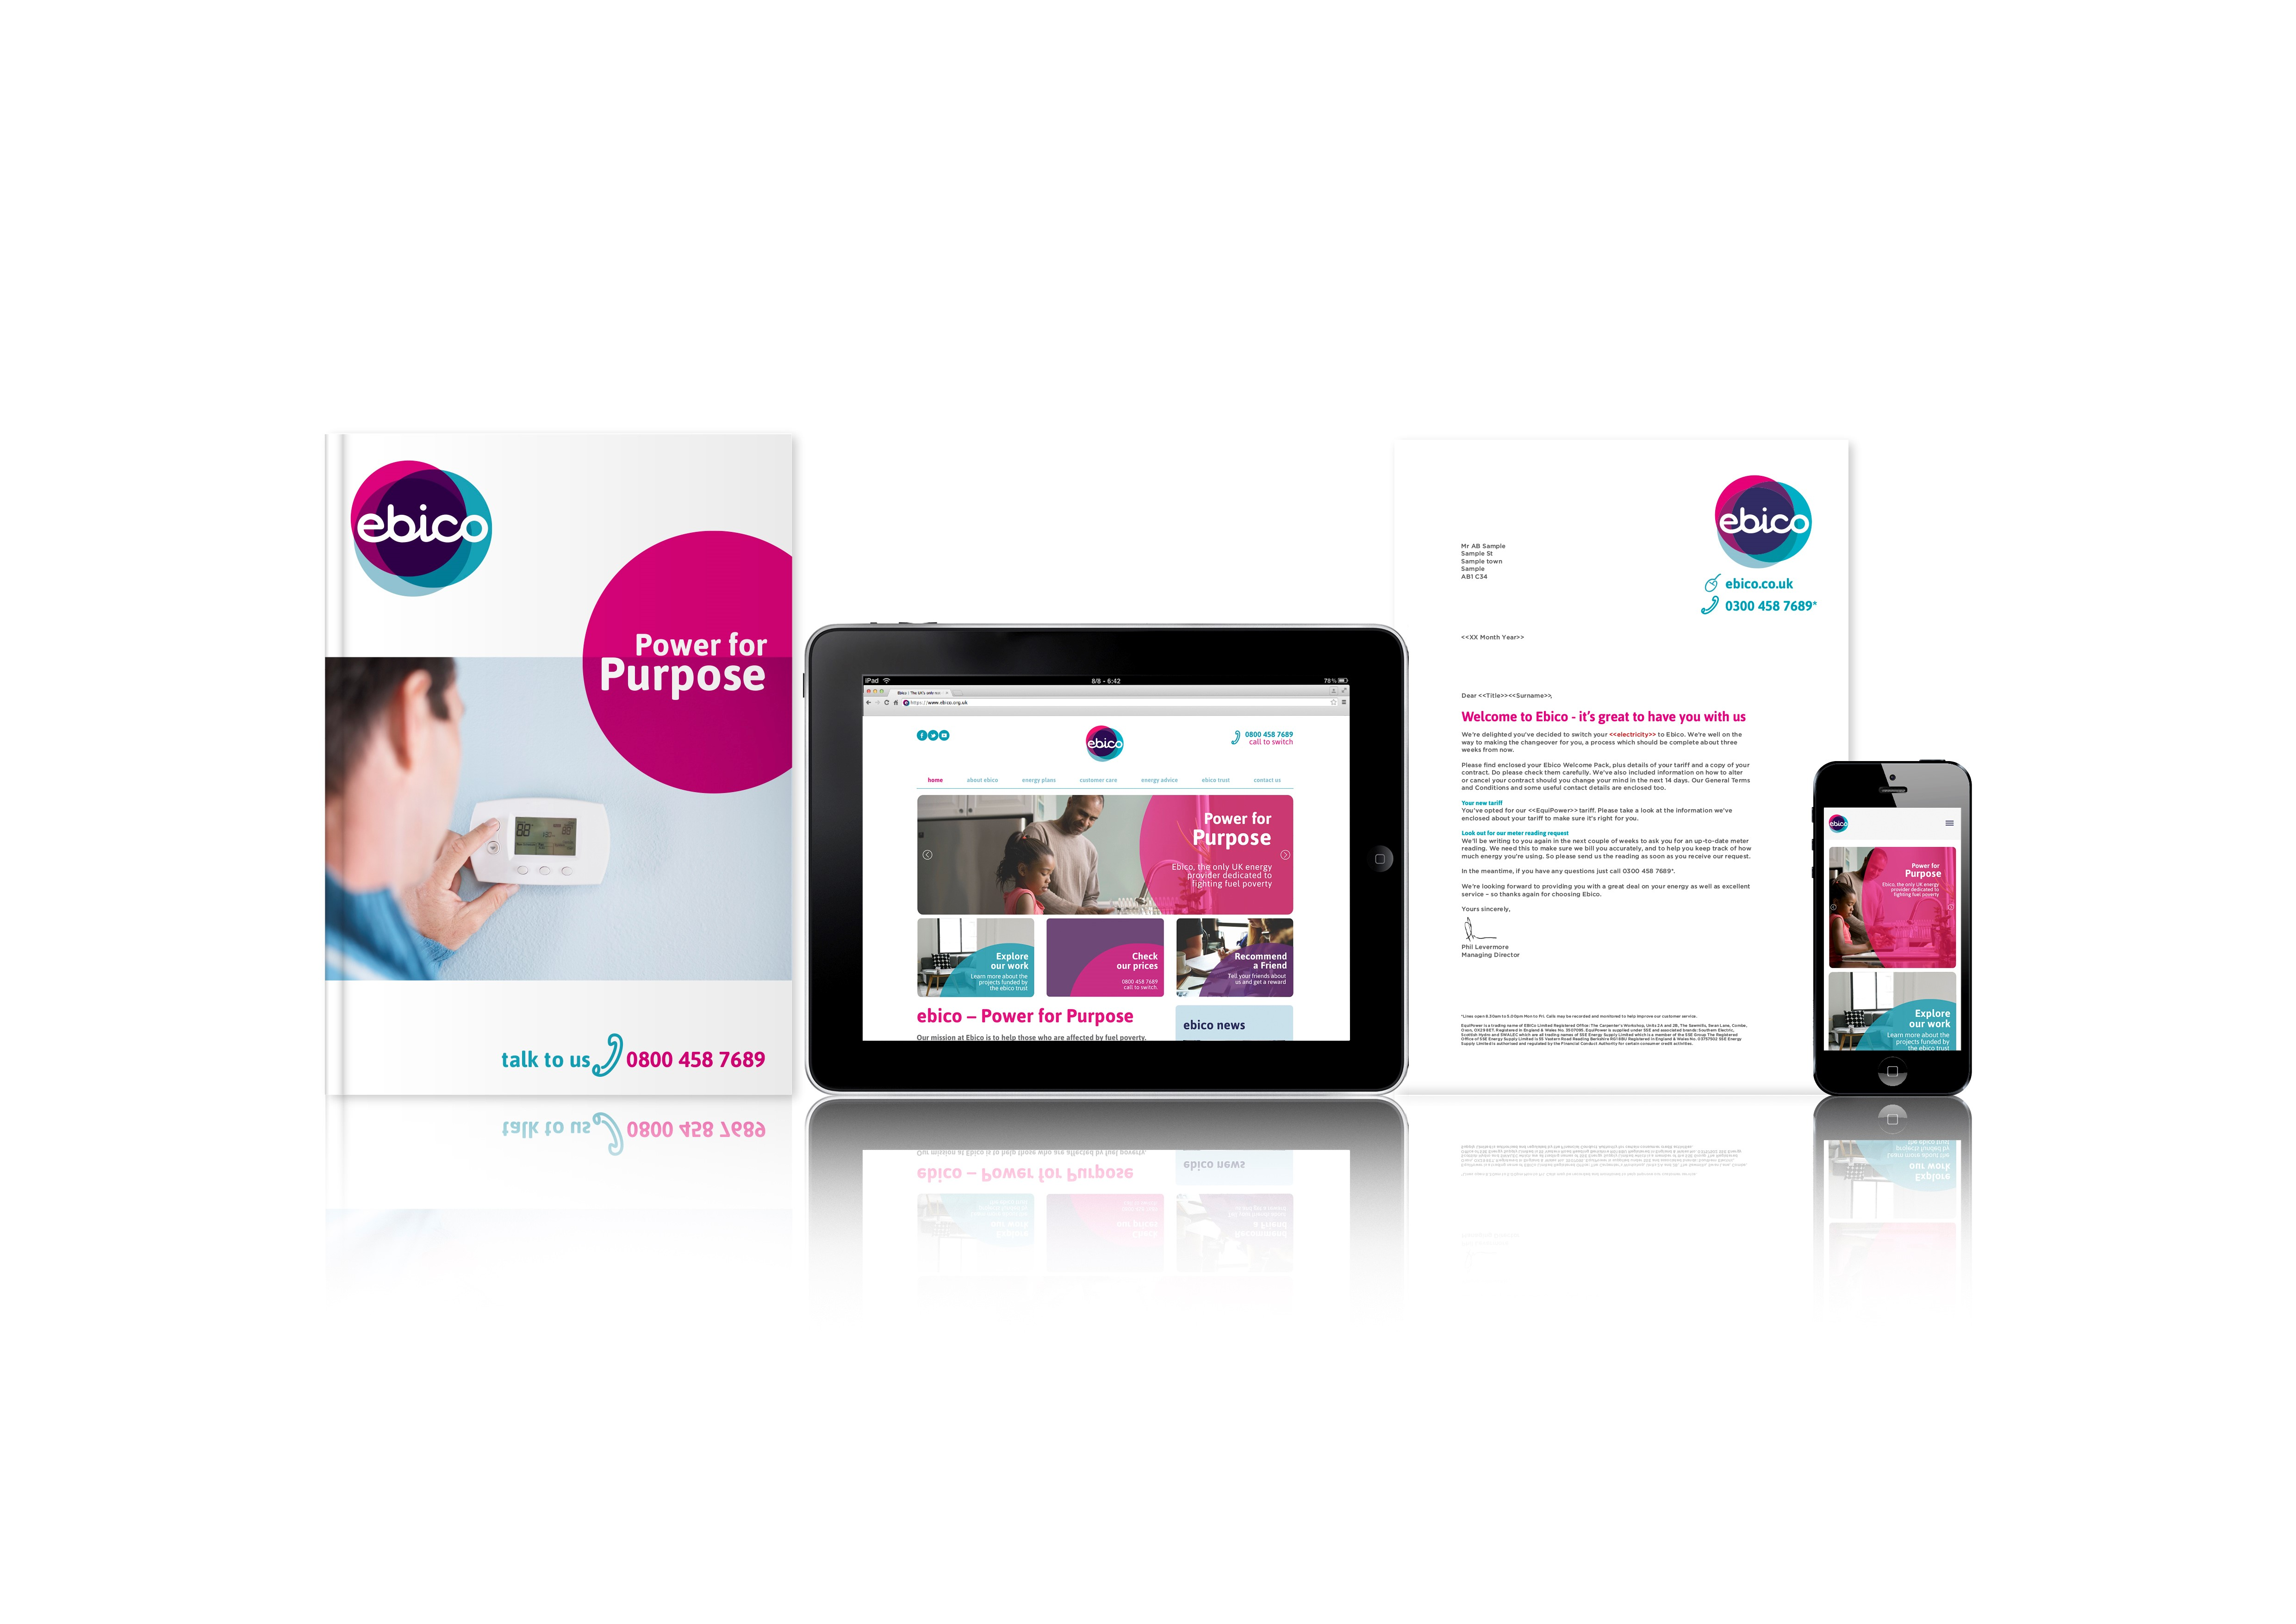 new ebico brand